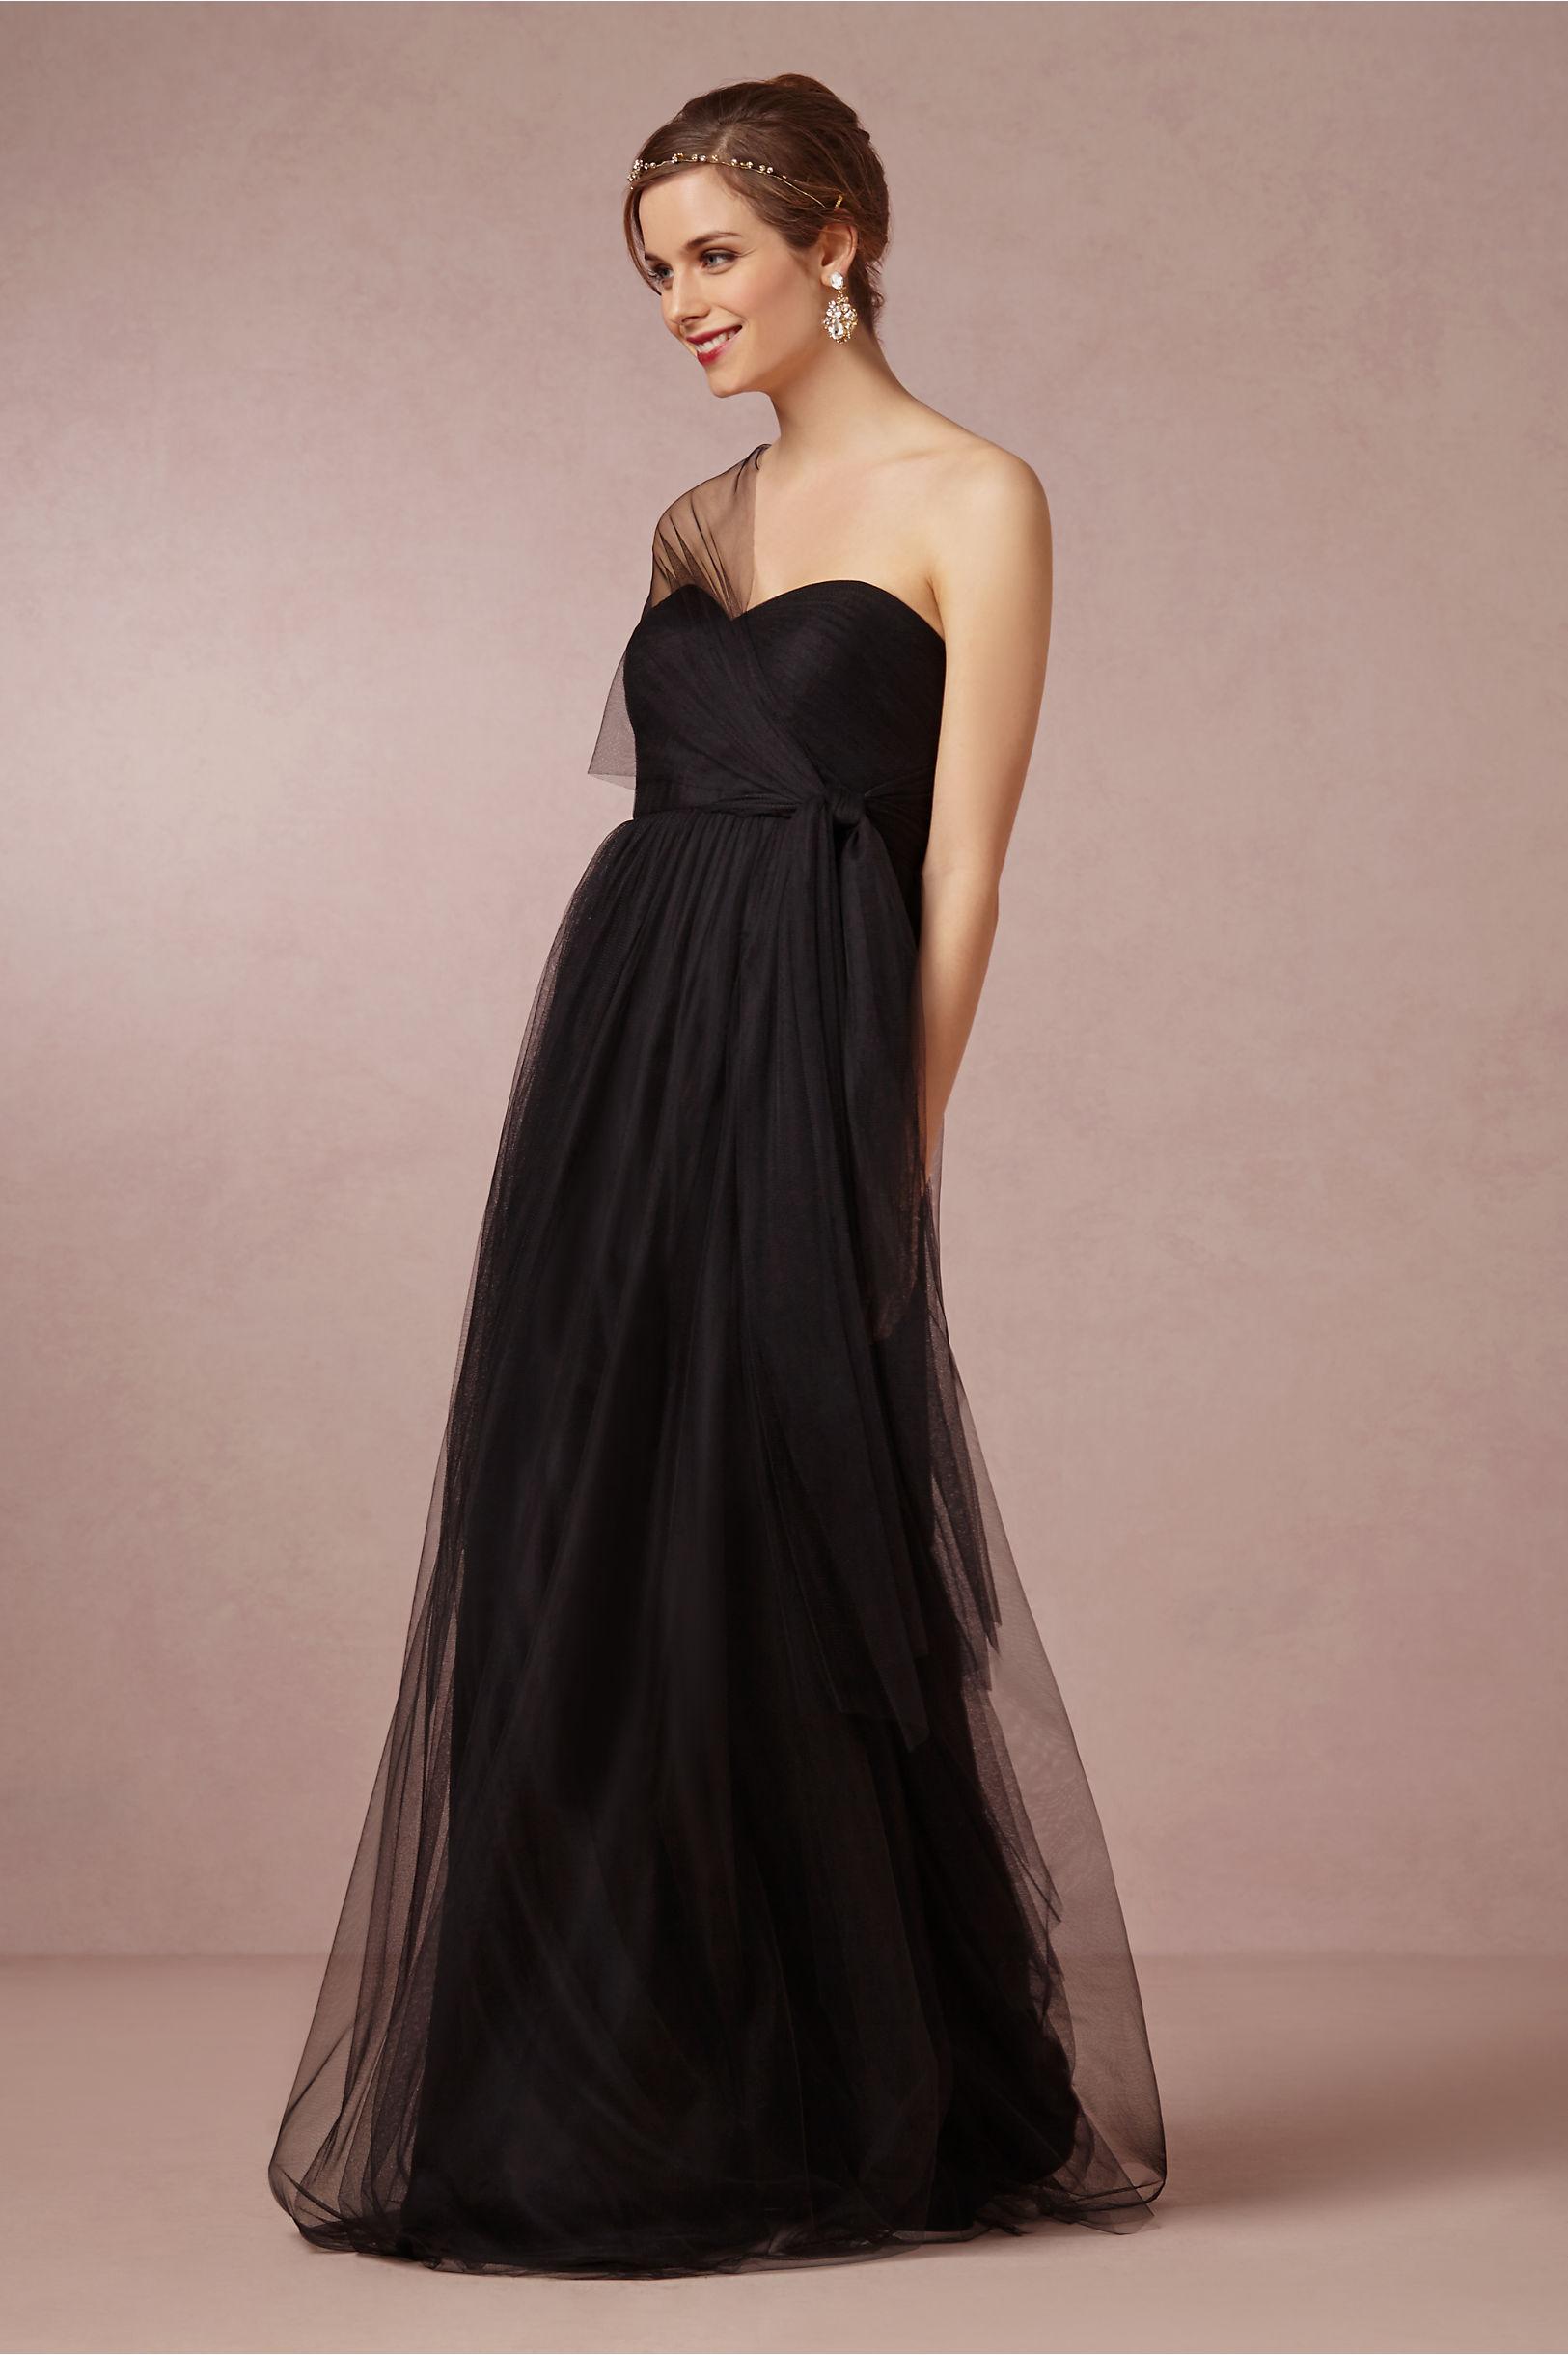 Annabelle Dress in Sale Dresses - BHLDN